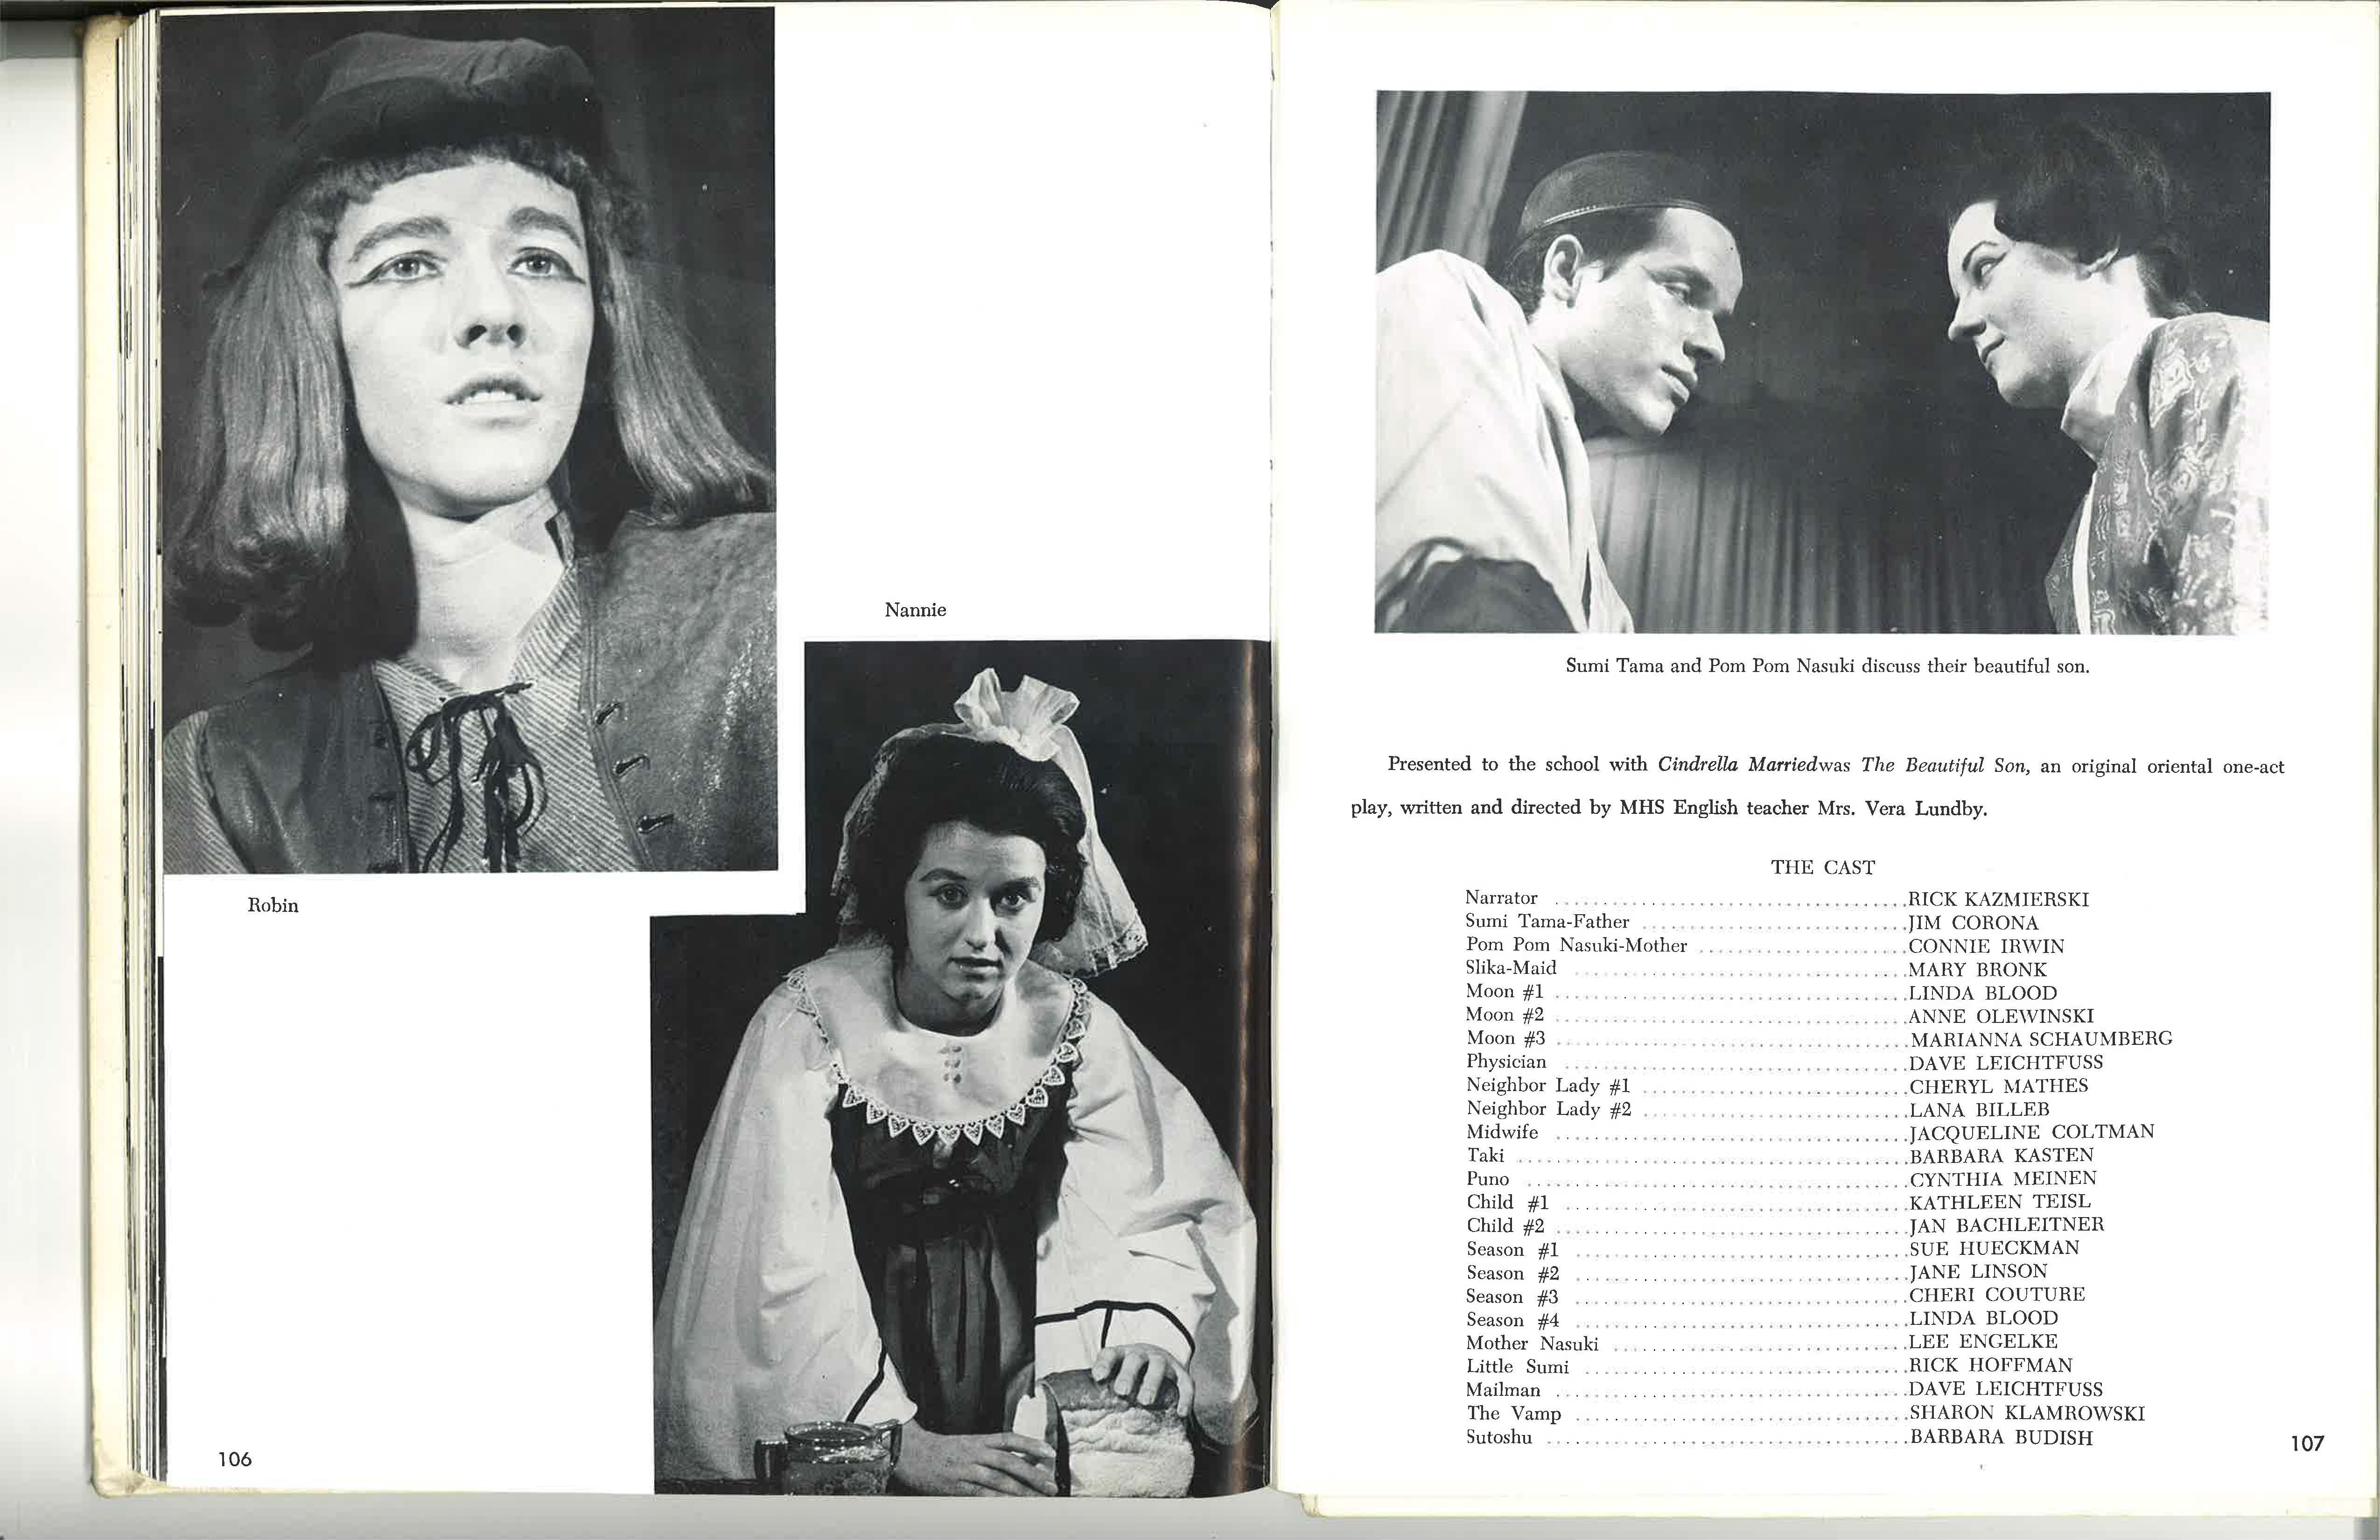 1964_Yearbook_Activities_106-107.jpg